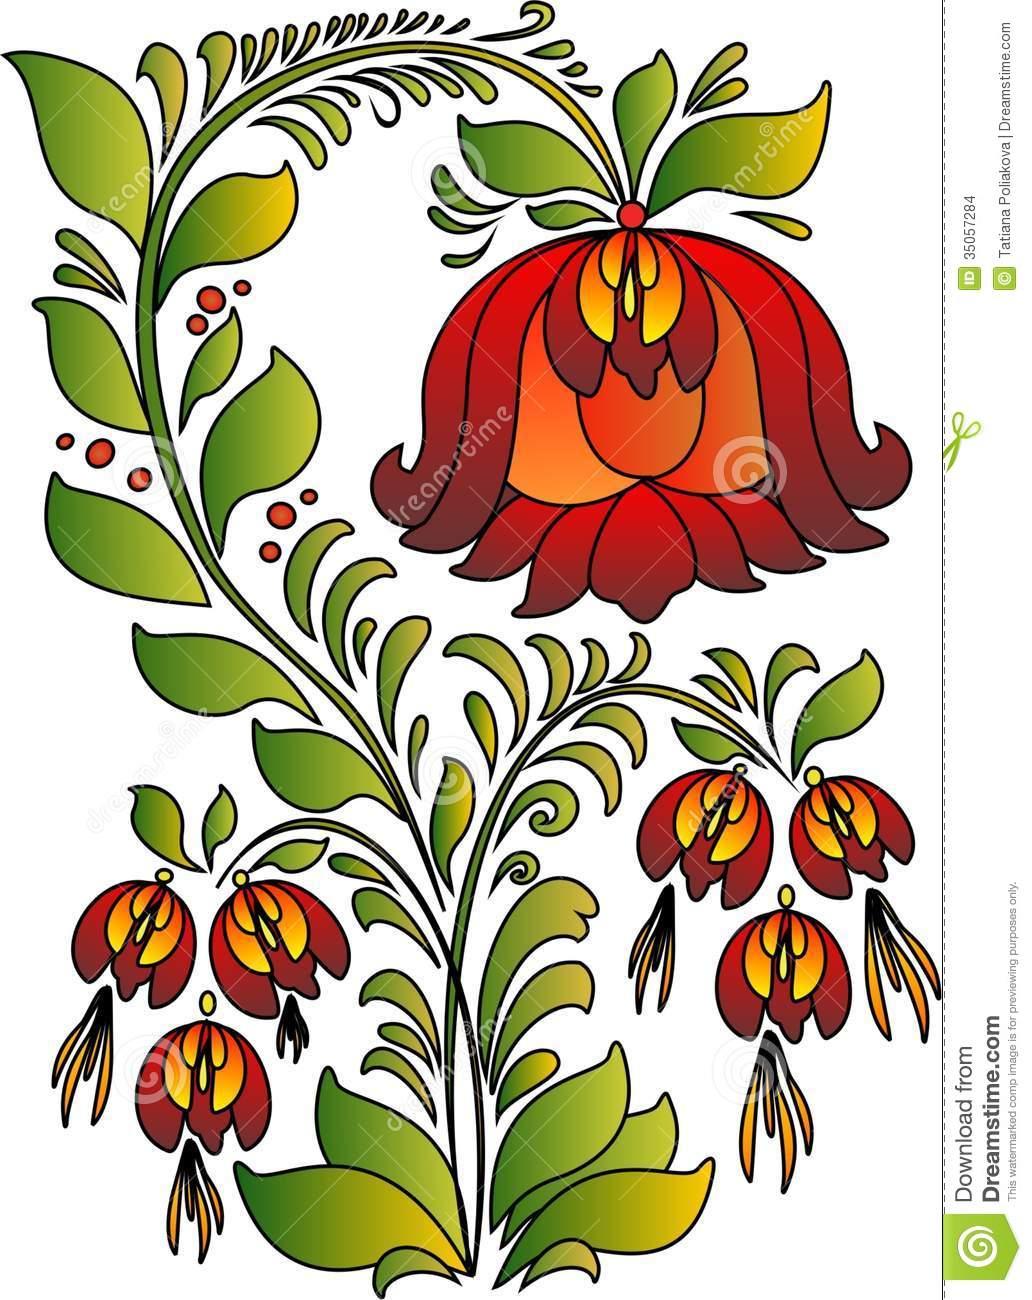 Scarlet Flower Stock Images.